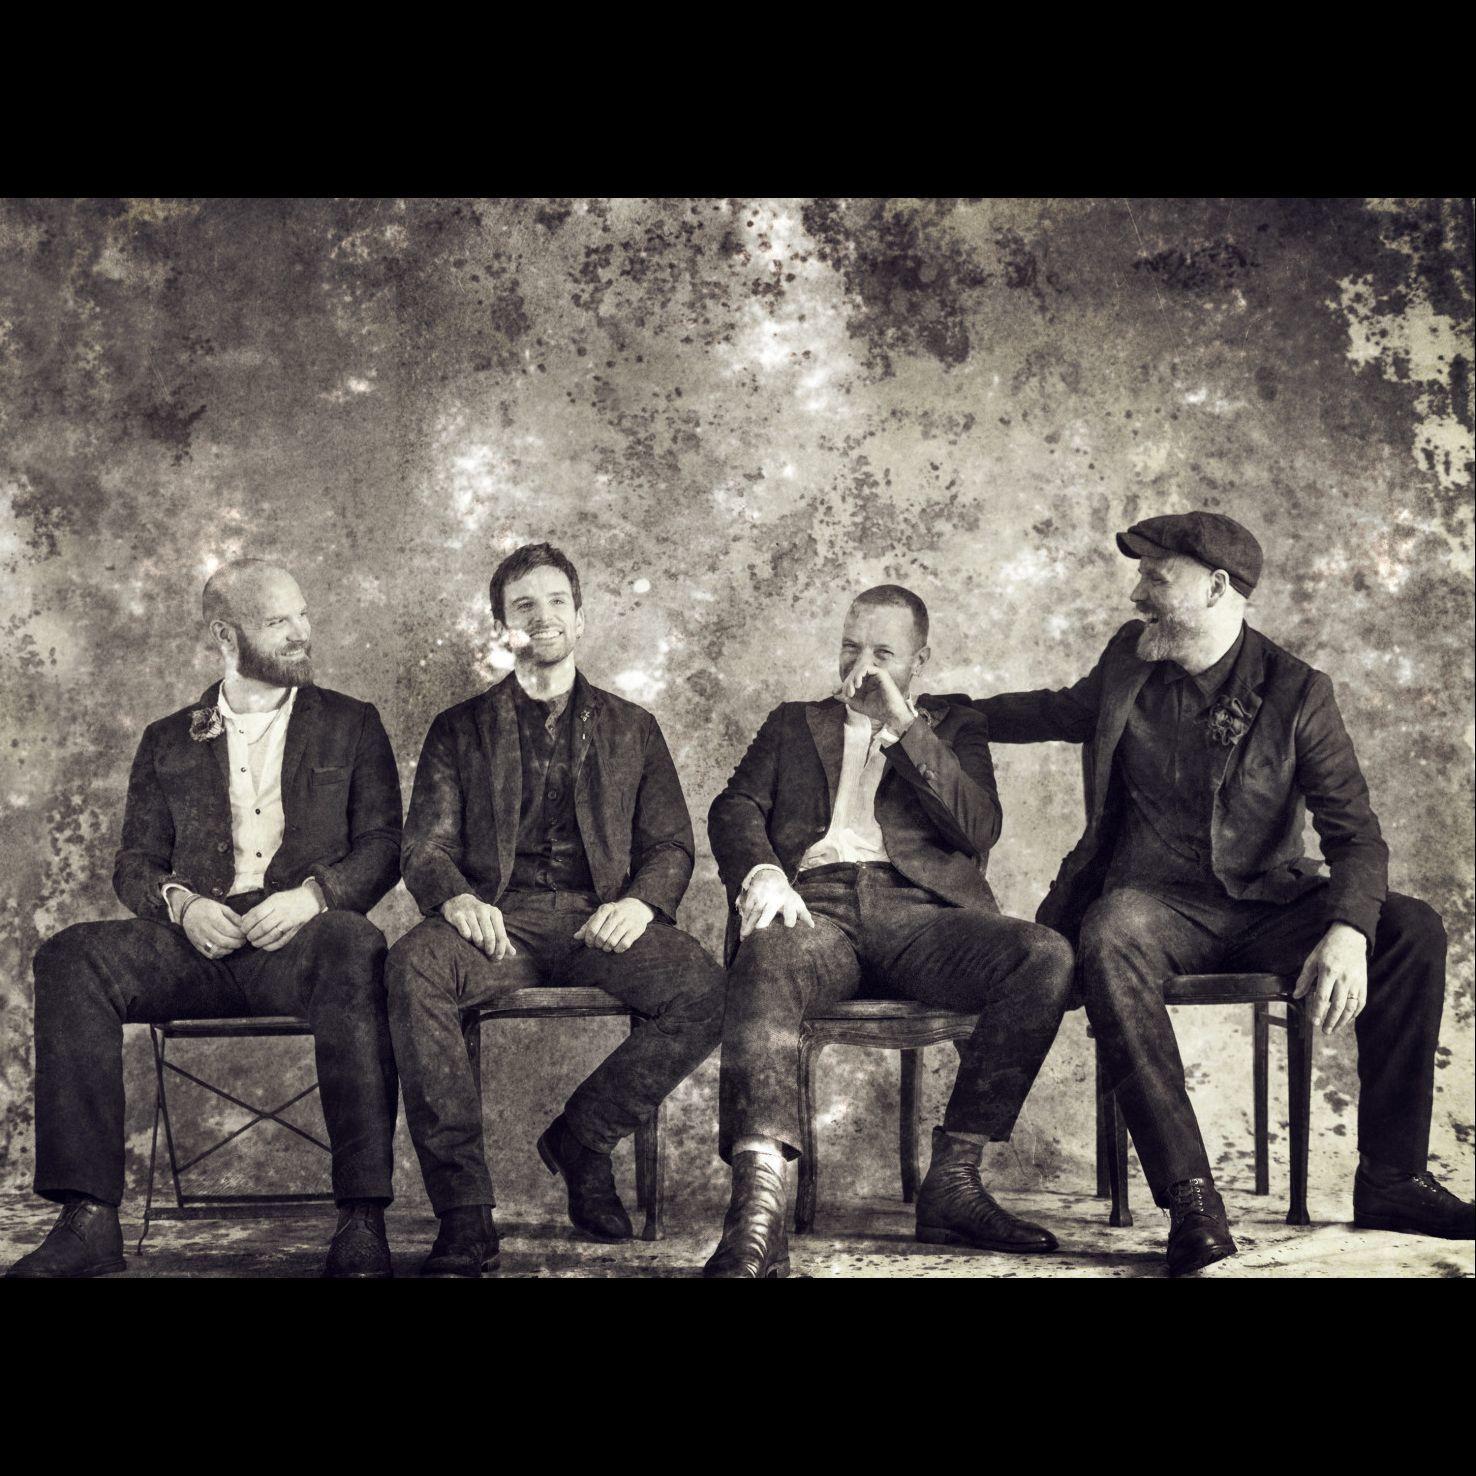 酷玩樂團 Coldplay 相隔 4 年推出全新專輯《Everyday Life》,忠實反映出他們對於世界強烈的「愛與同理心」!